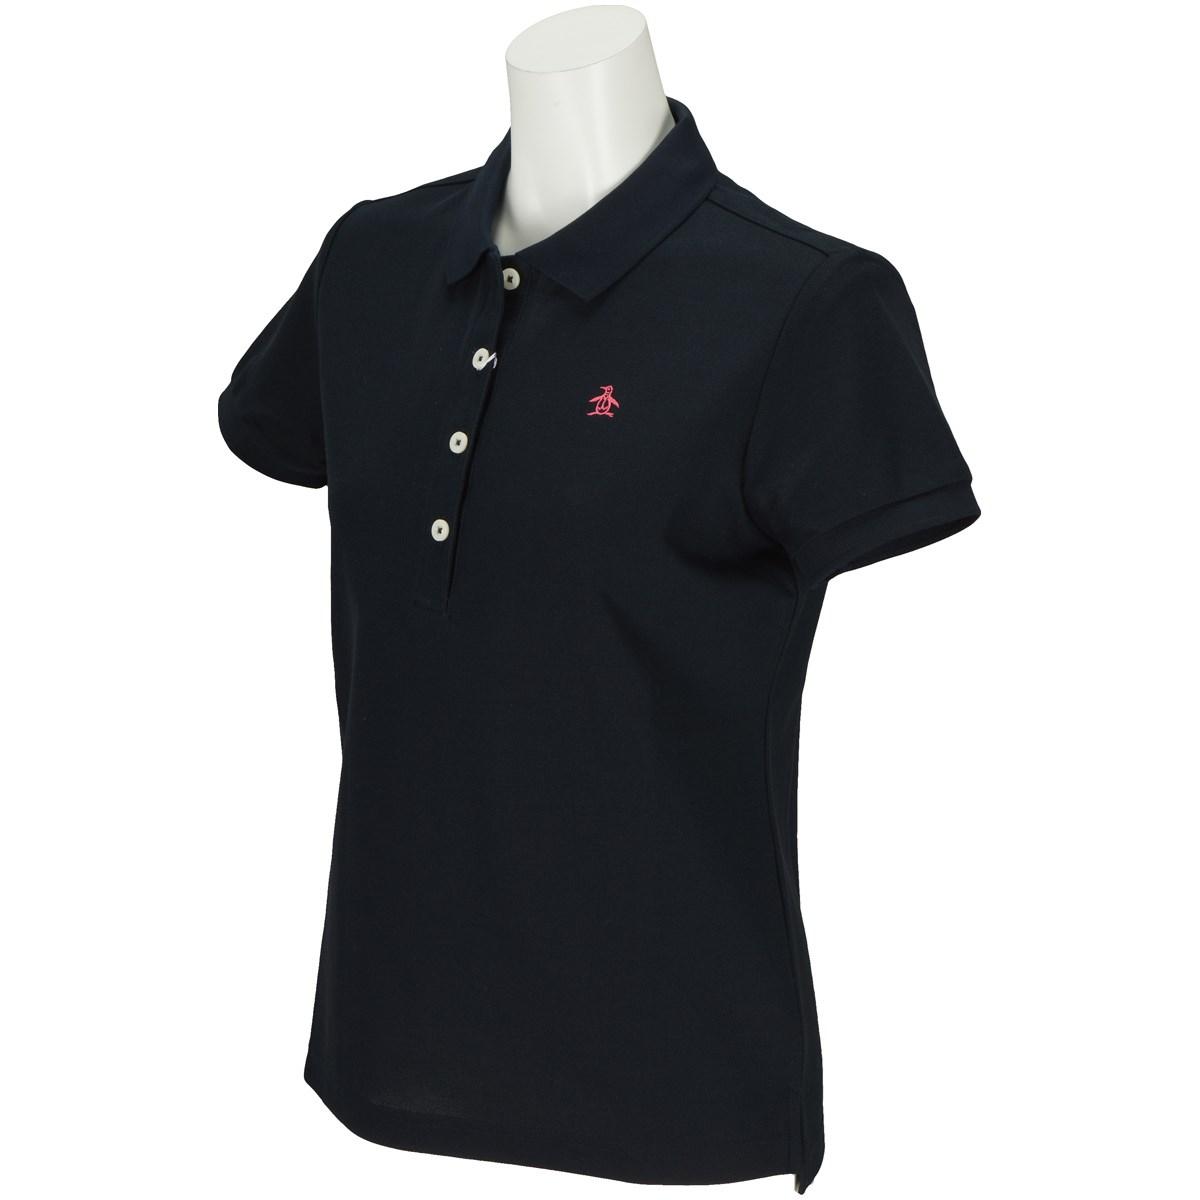 マンシングウェア Munsingwear 半袖ポロシャツ M ネイビー M133 レディス